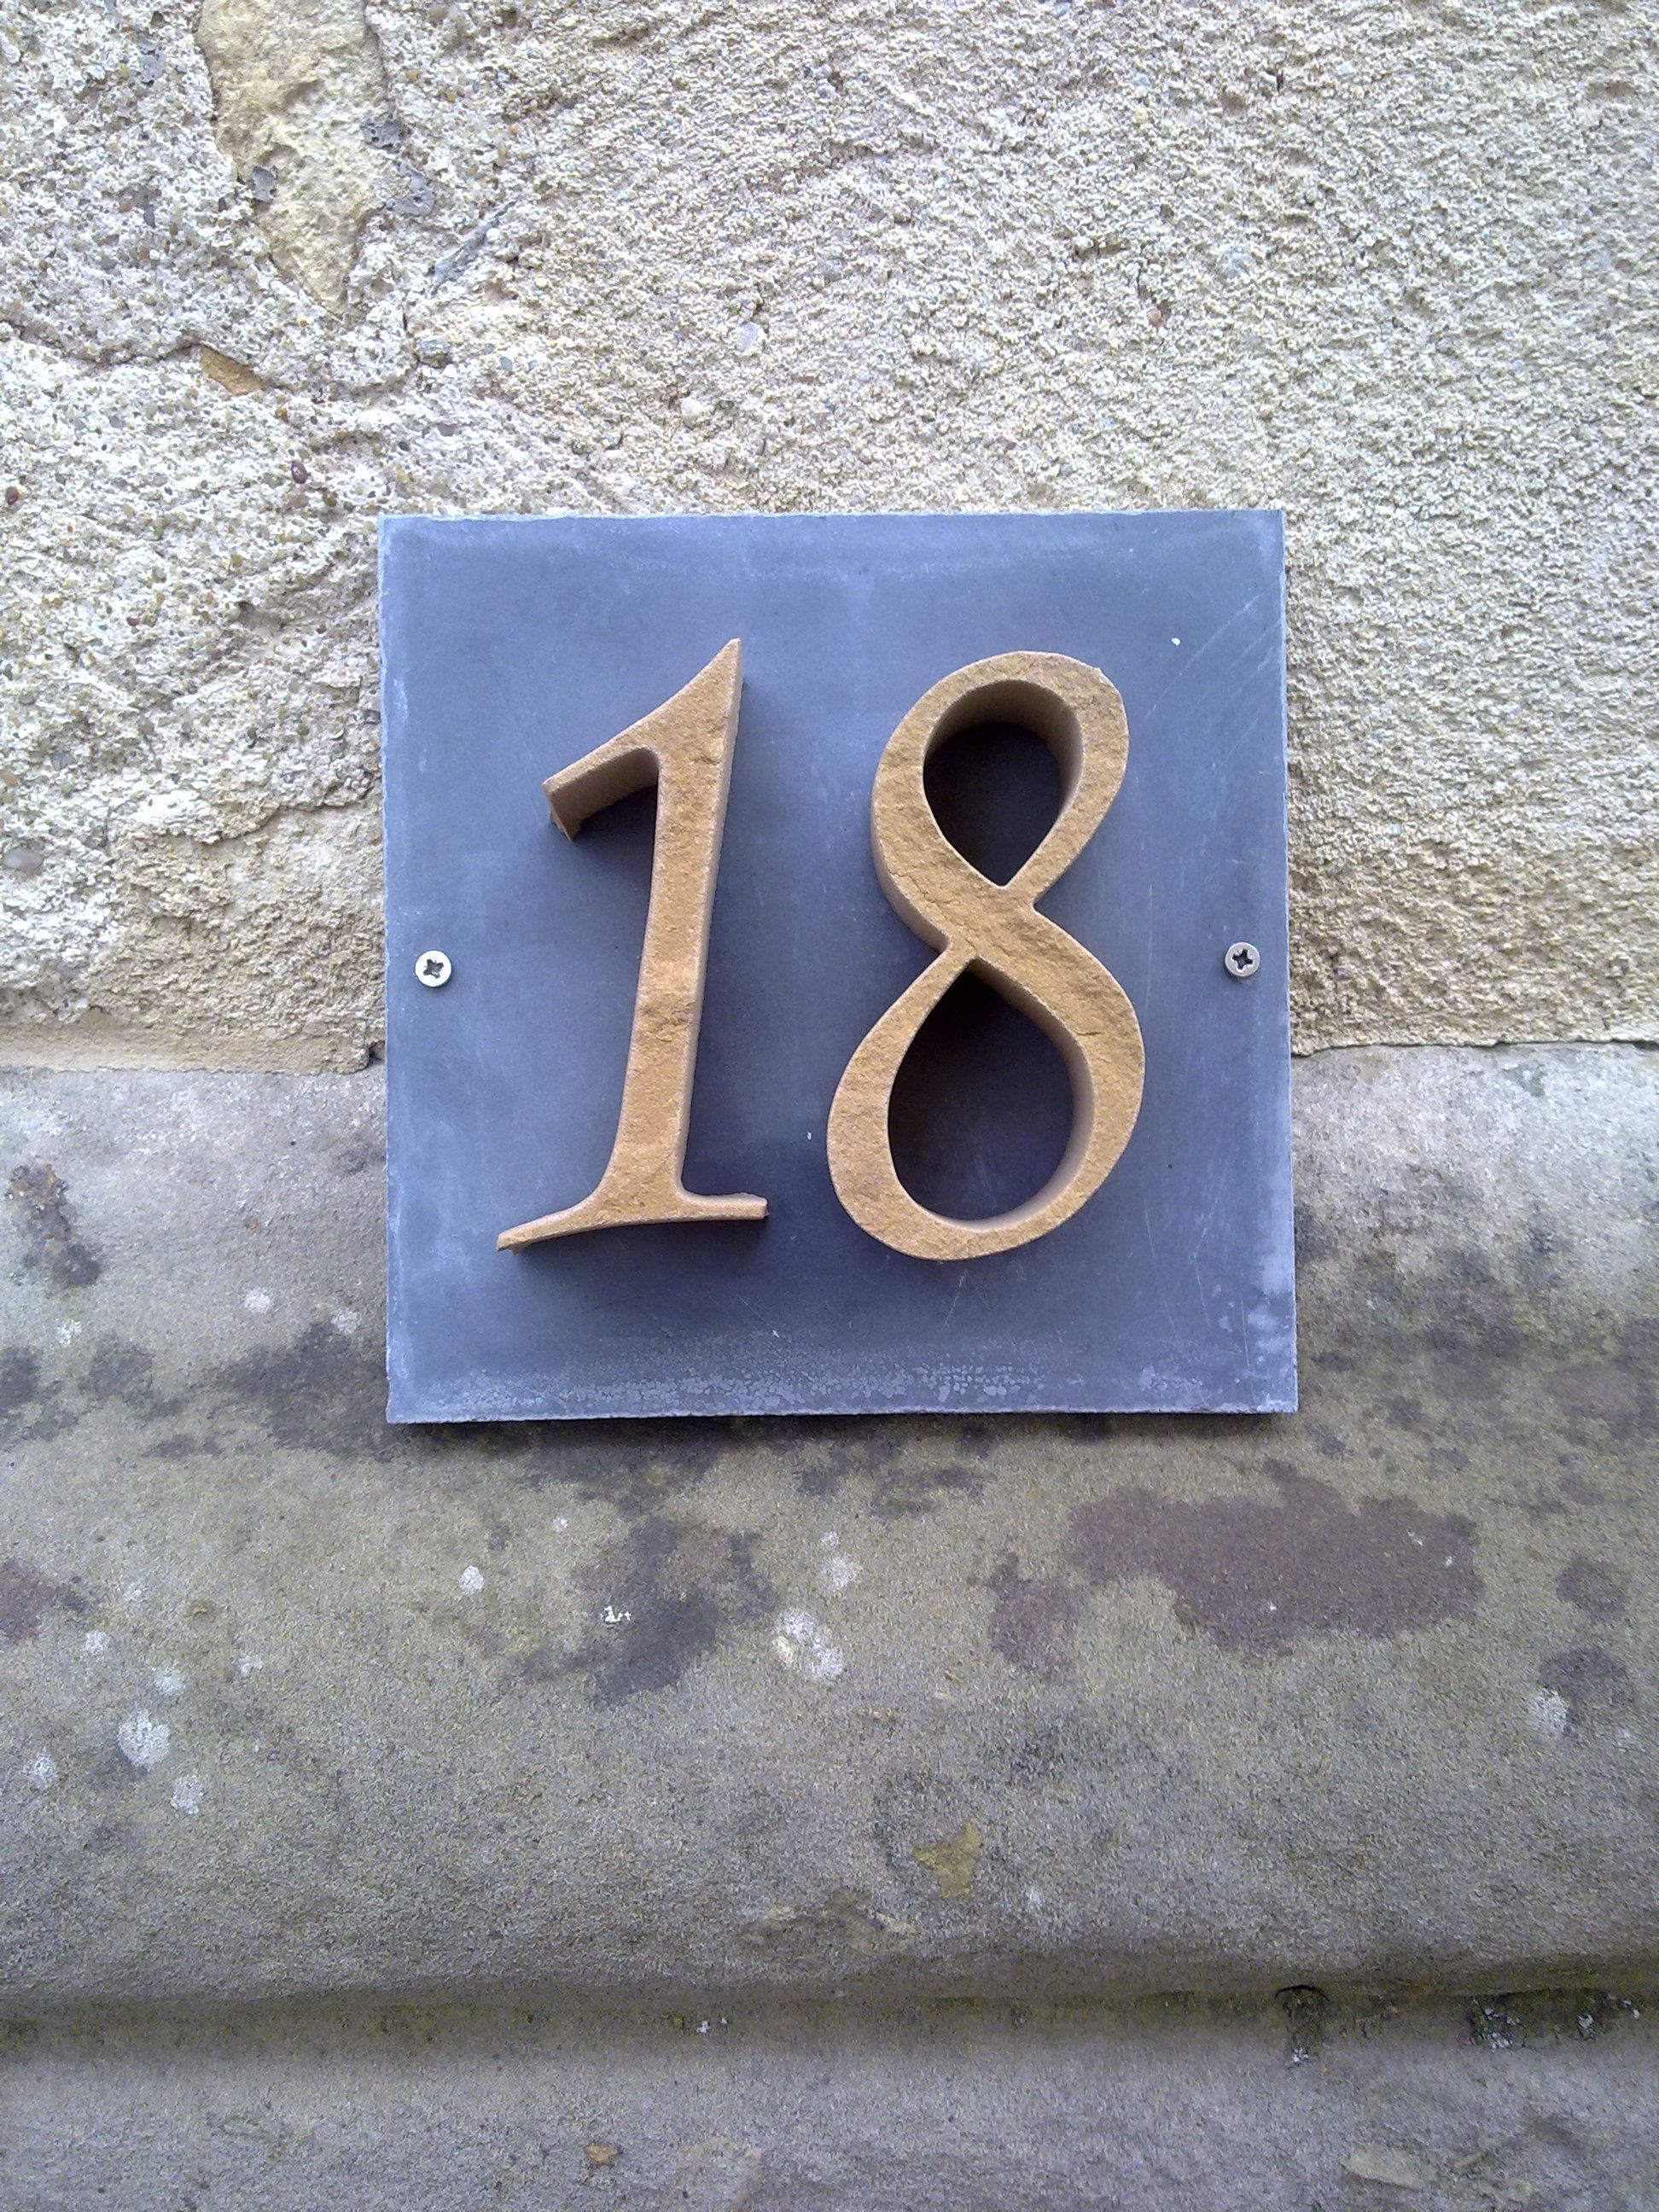 Hausnummer aus Sandstein viele Farben möglich passend zu jedem